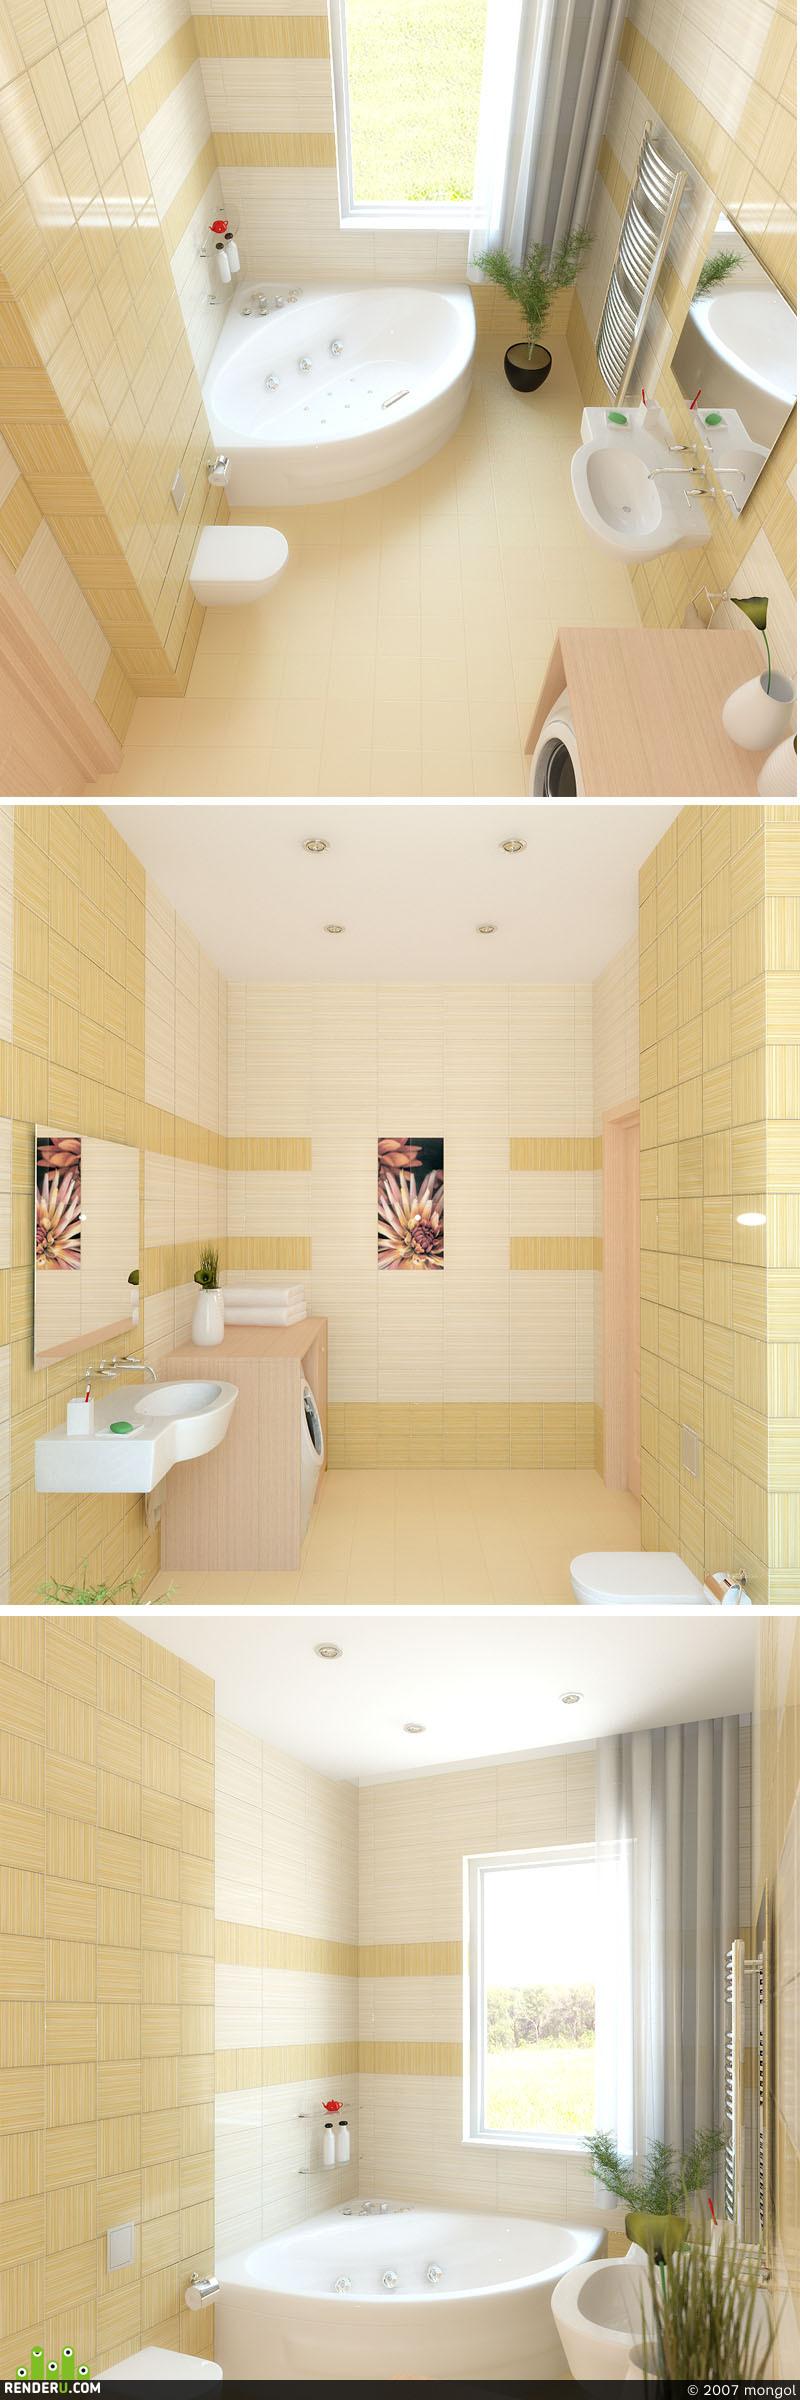 preview ВС ванная комната